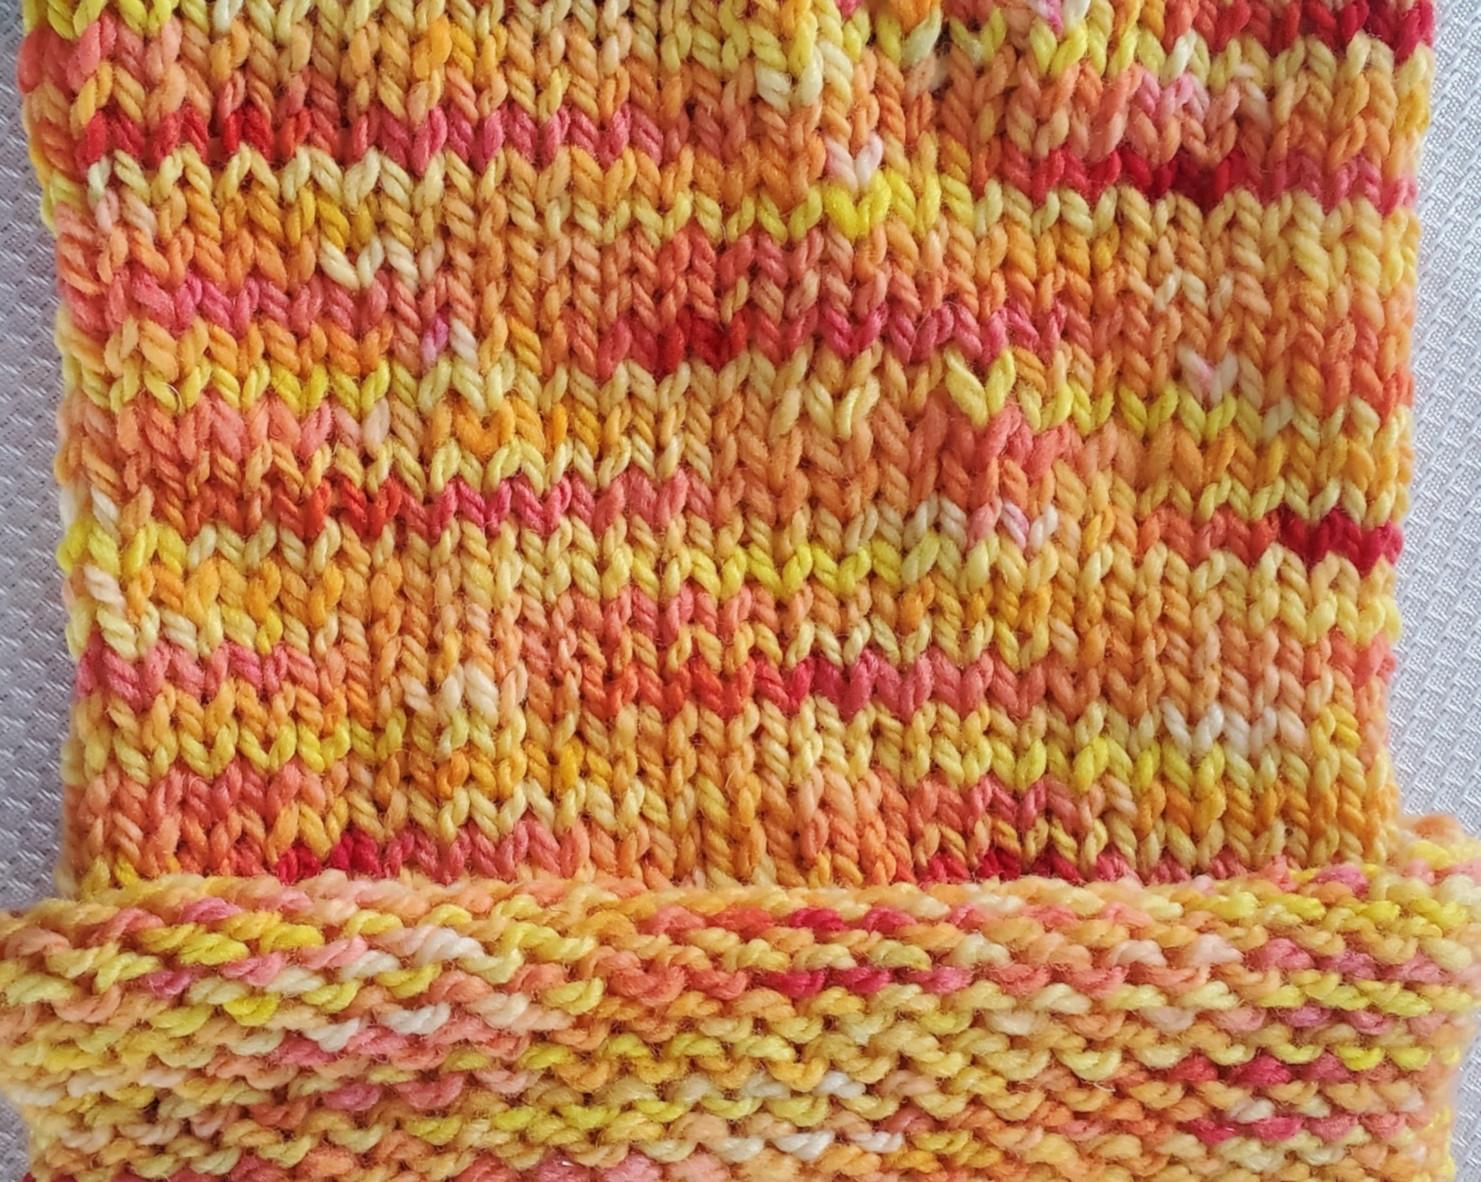 red-orange-yellow-knit.jpg